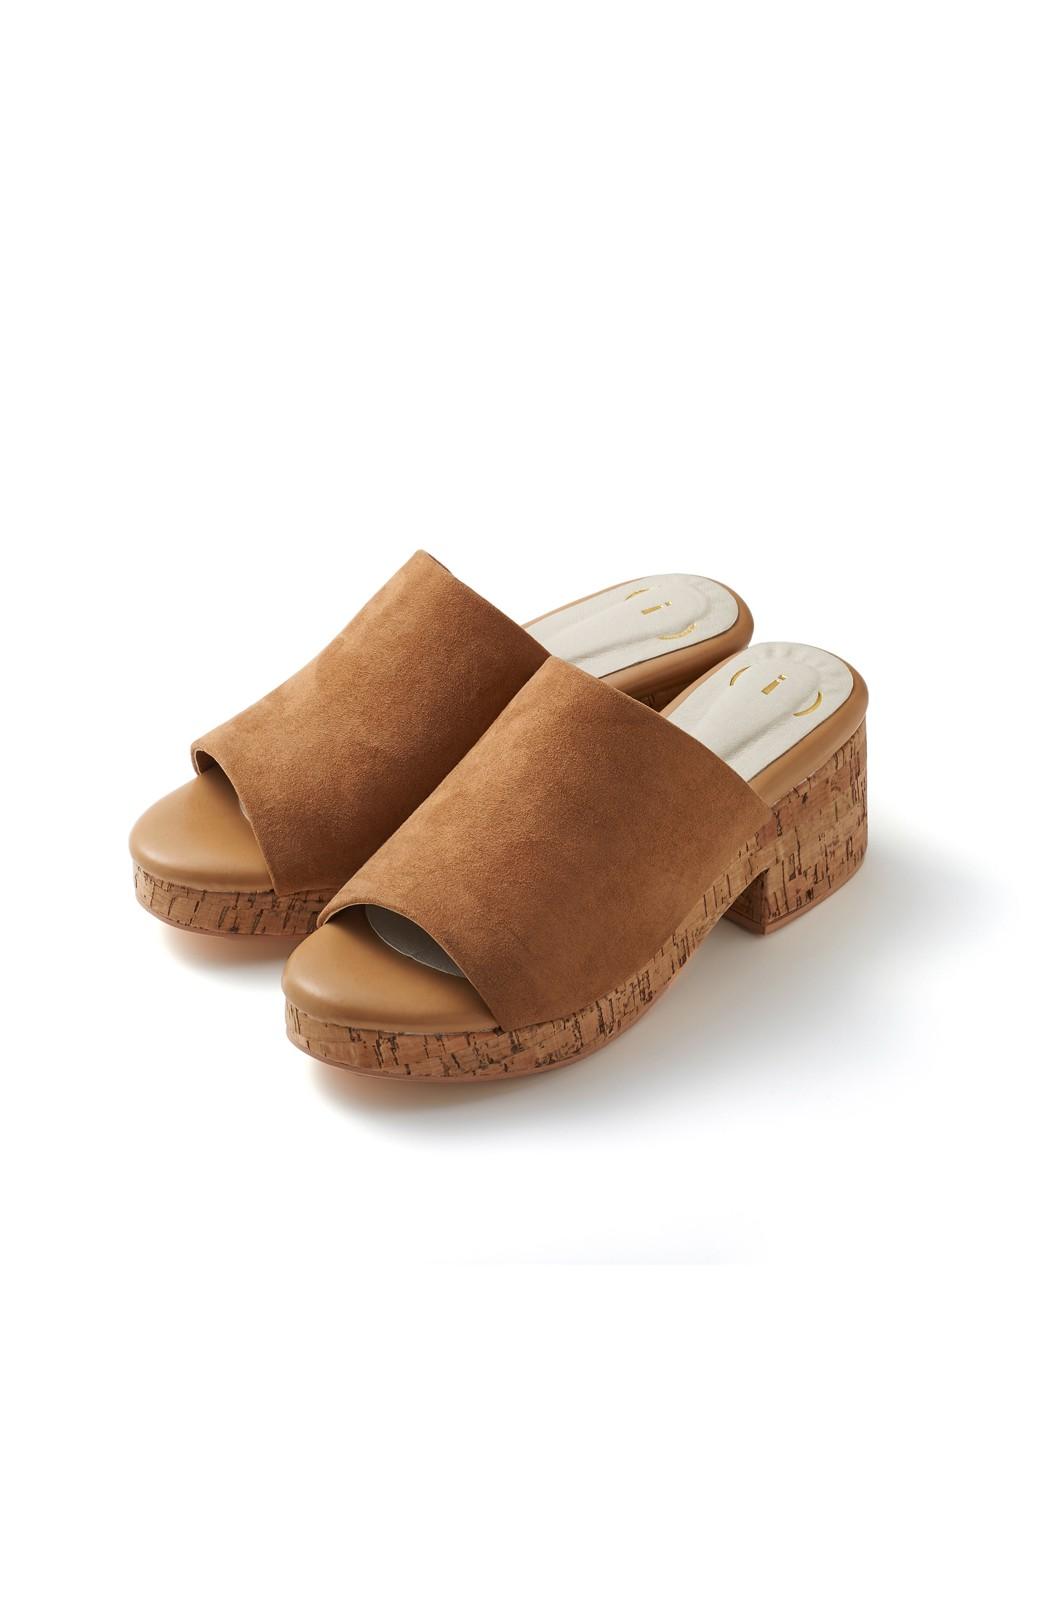 nusy 低&高反発で歩きやすい サボみたいにすぽっとはけるオープントゥサンダル <キャメル>の商品写真1